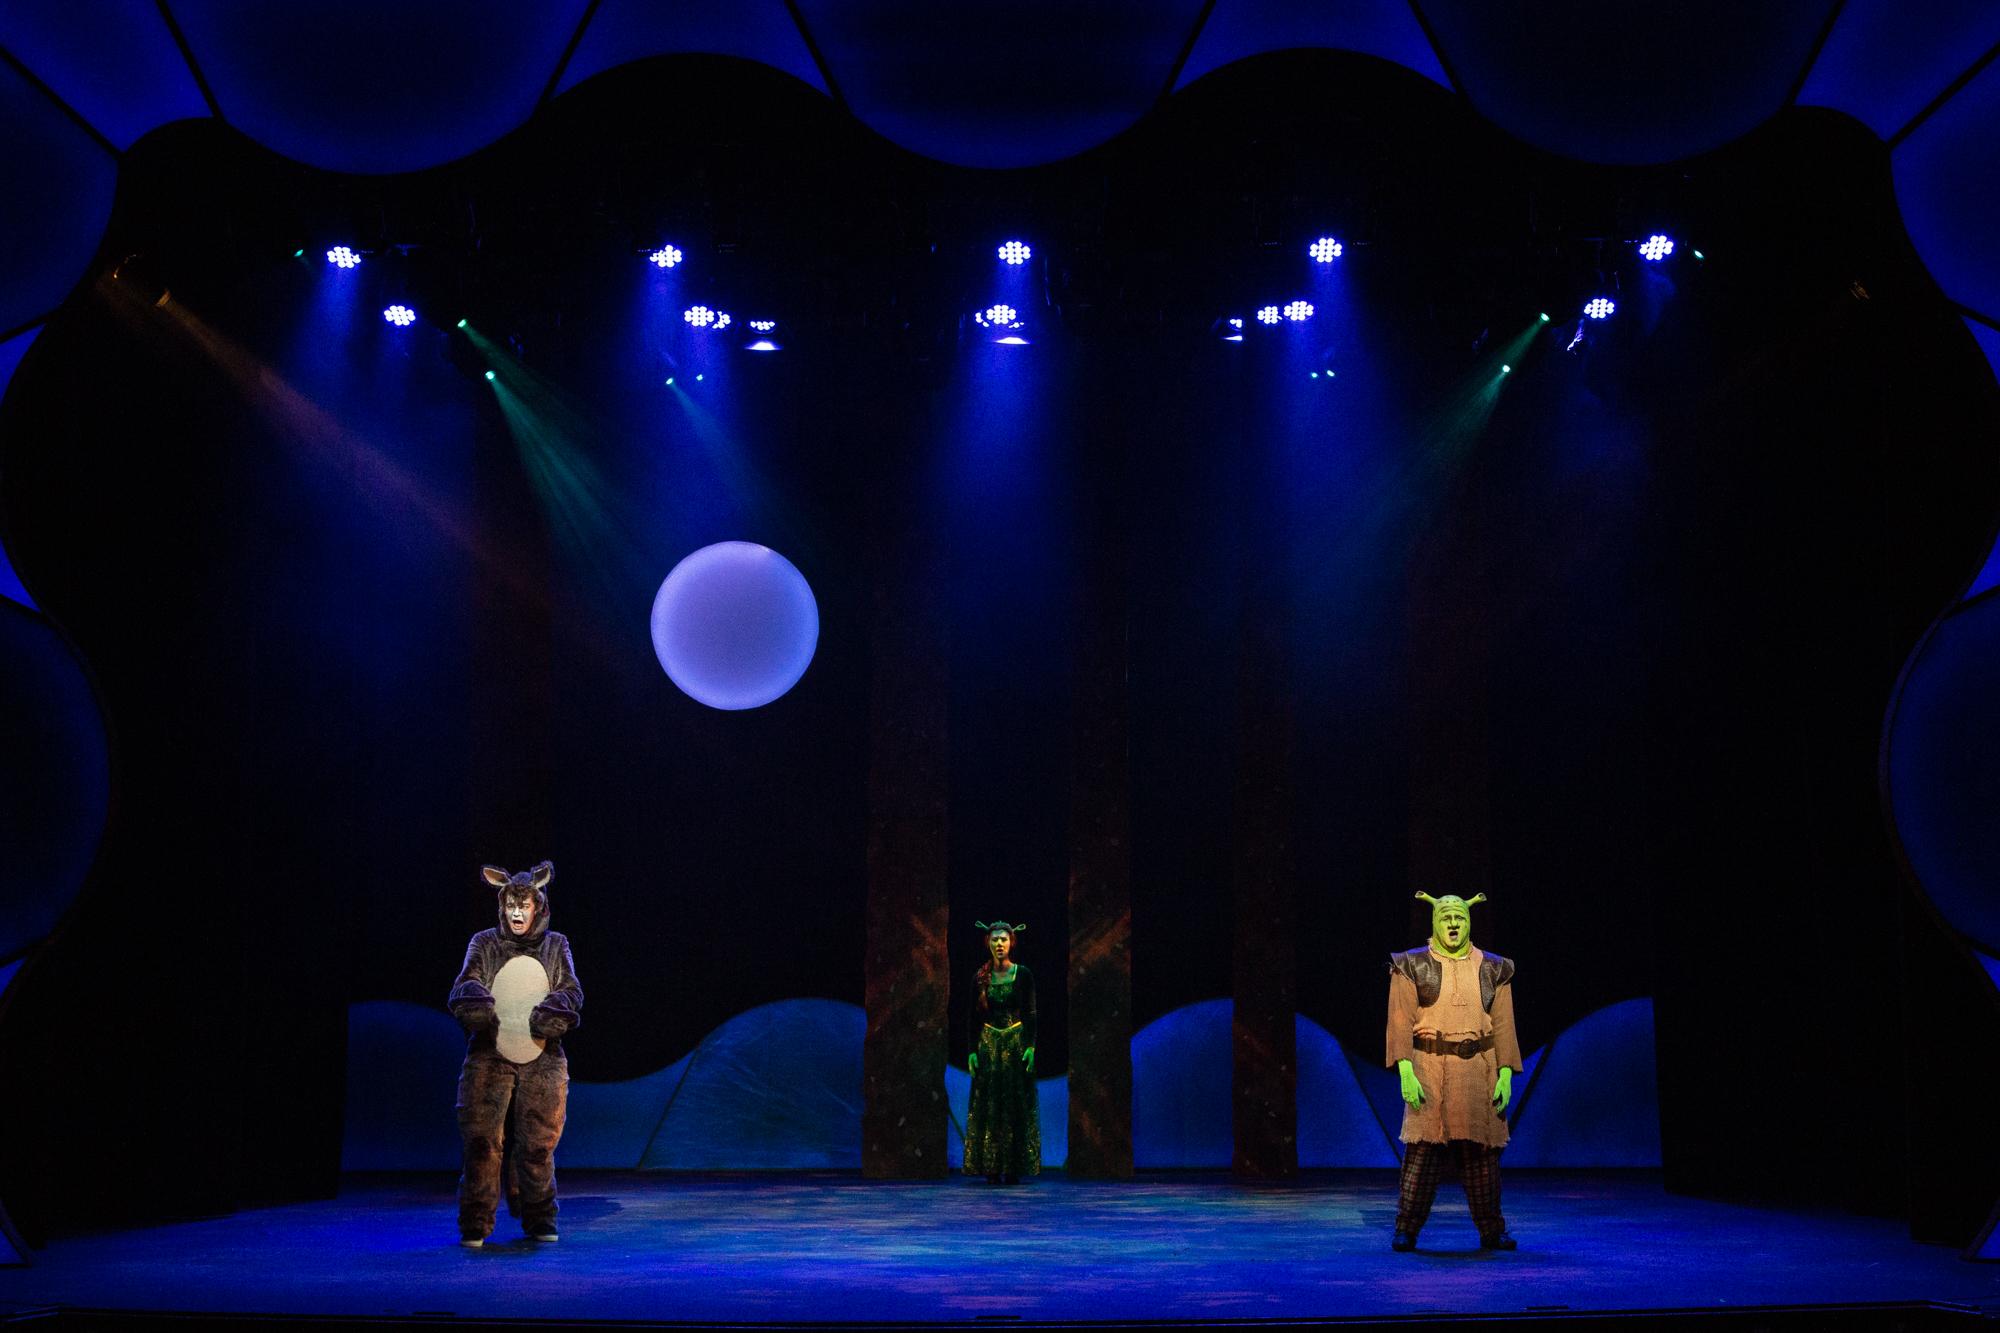 Shrek, Donkey and Fiona, Who I'd Be